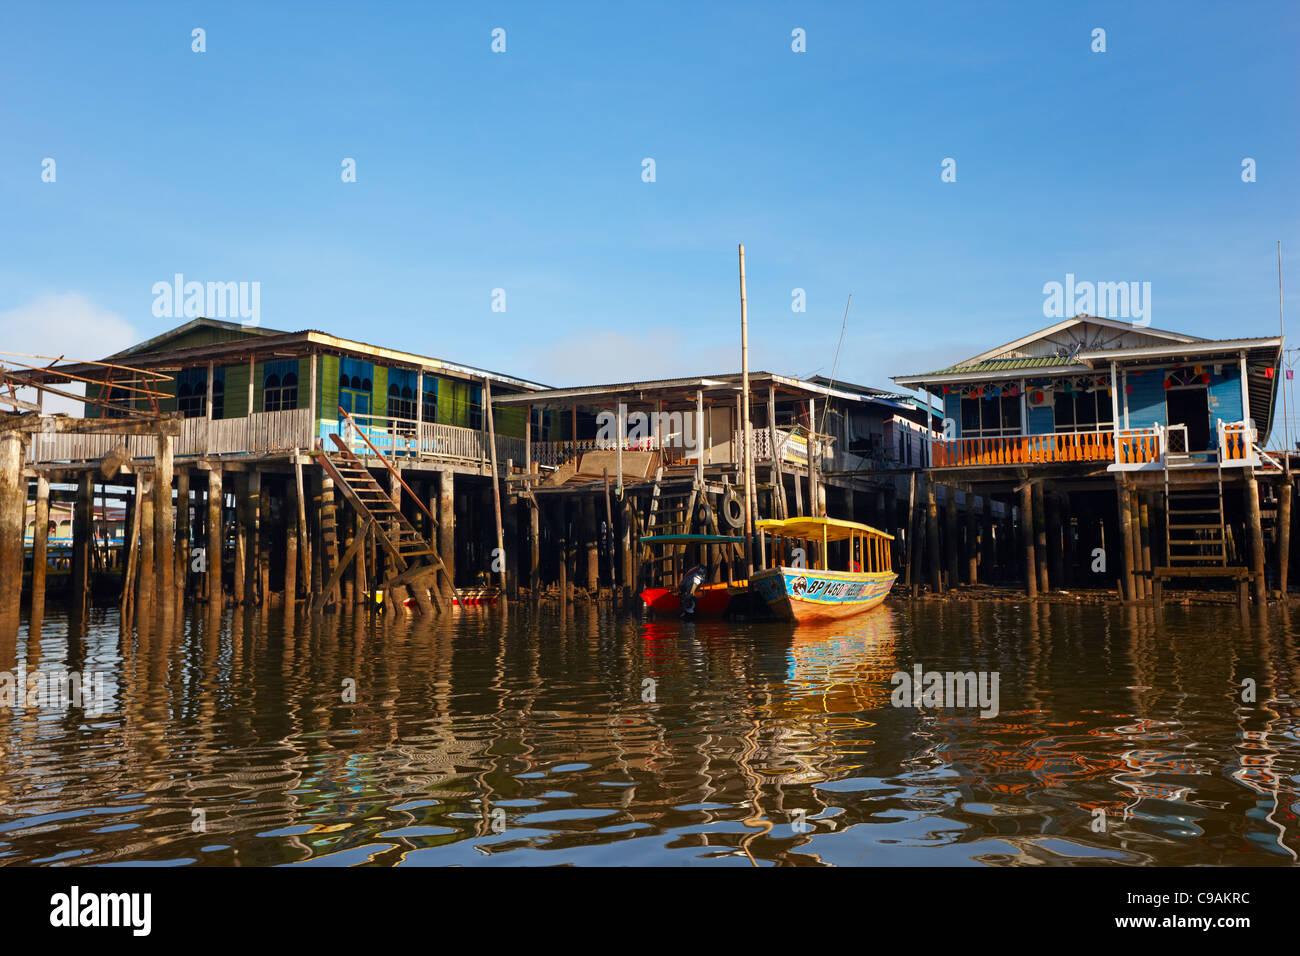 Kampung Ayer, Bandar Seri Begawan, Brunei Darussalam, Asia Immagini Stock